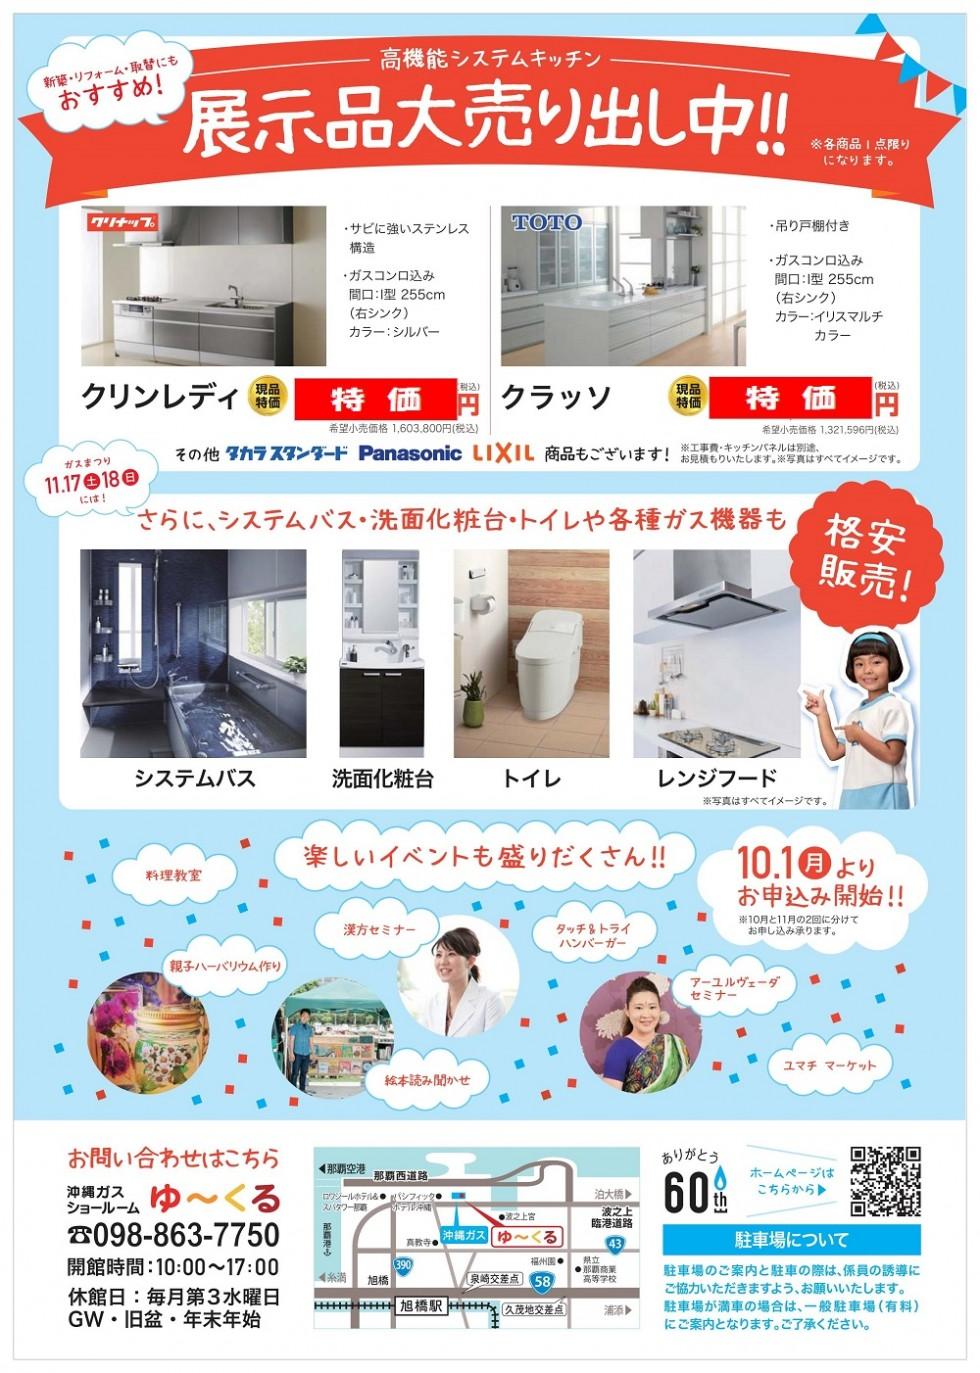 沖縄ガスガス祭り2